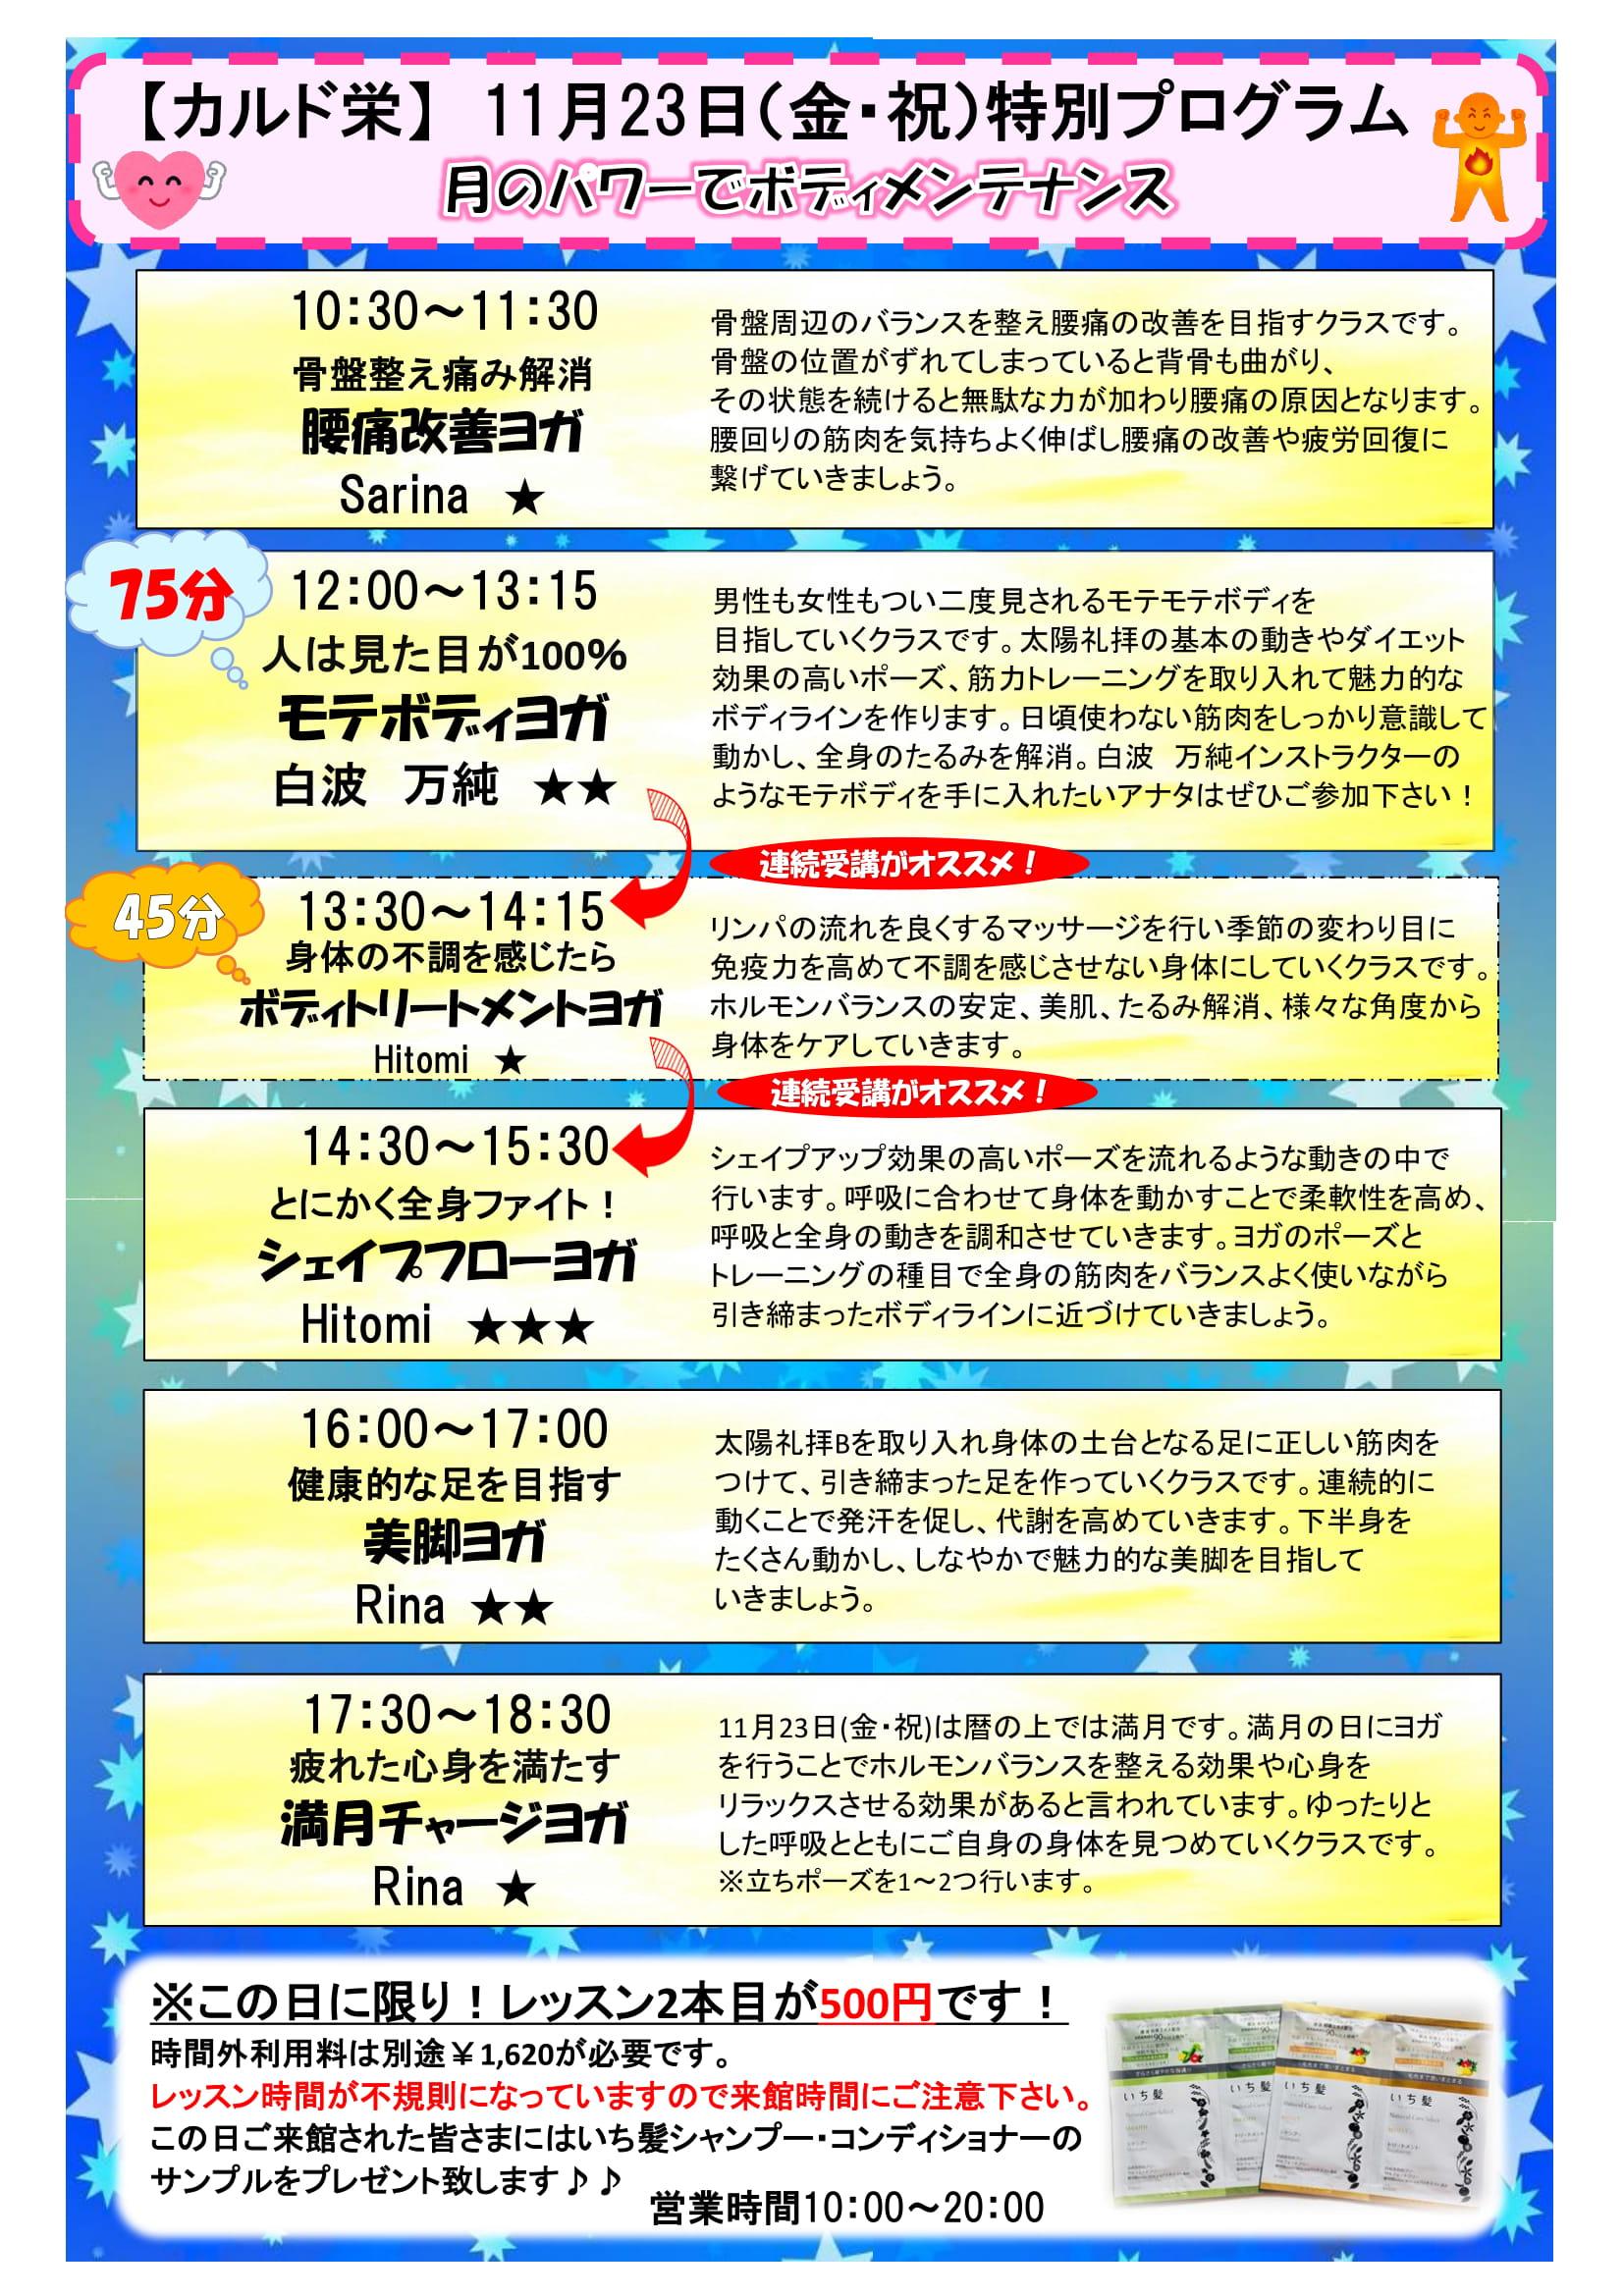 【栄】11月23日(金・祝)特別PG-1